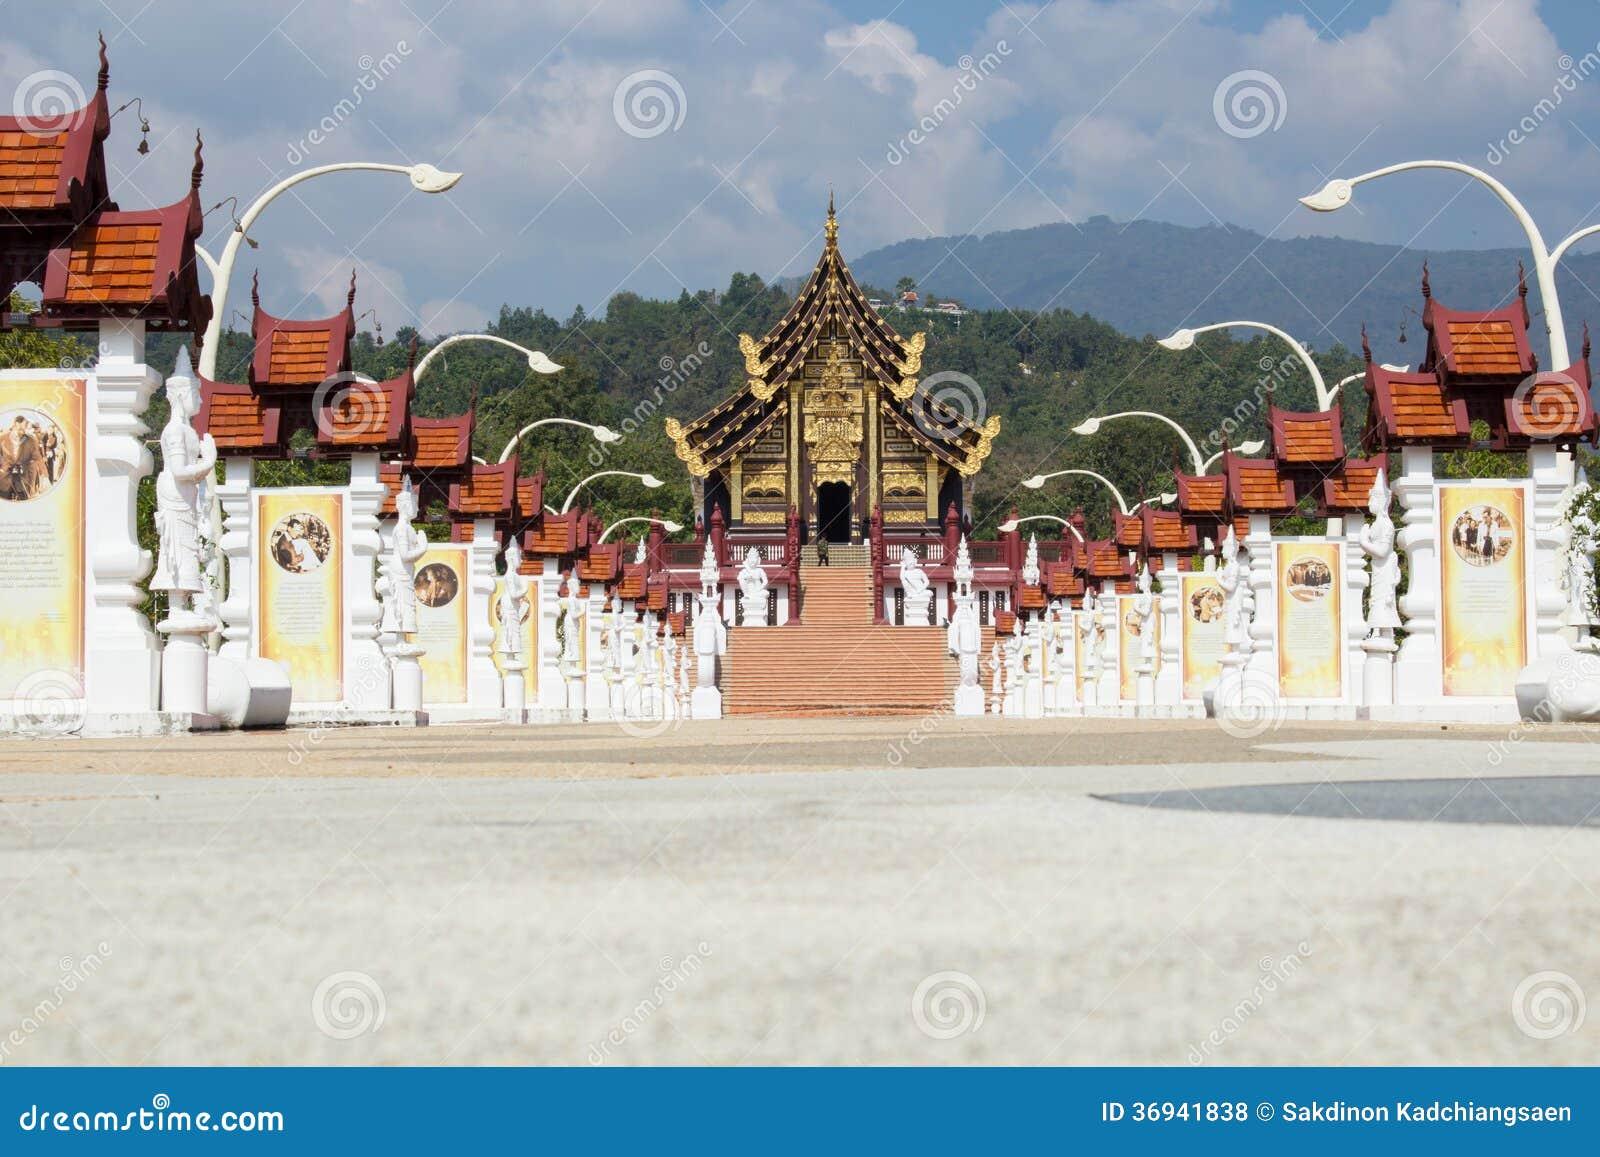 The Royal Flora Ratchaphruek chiangmai